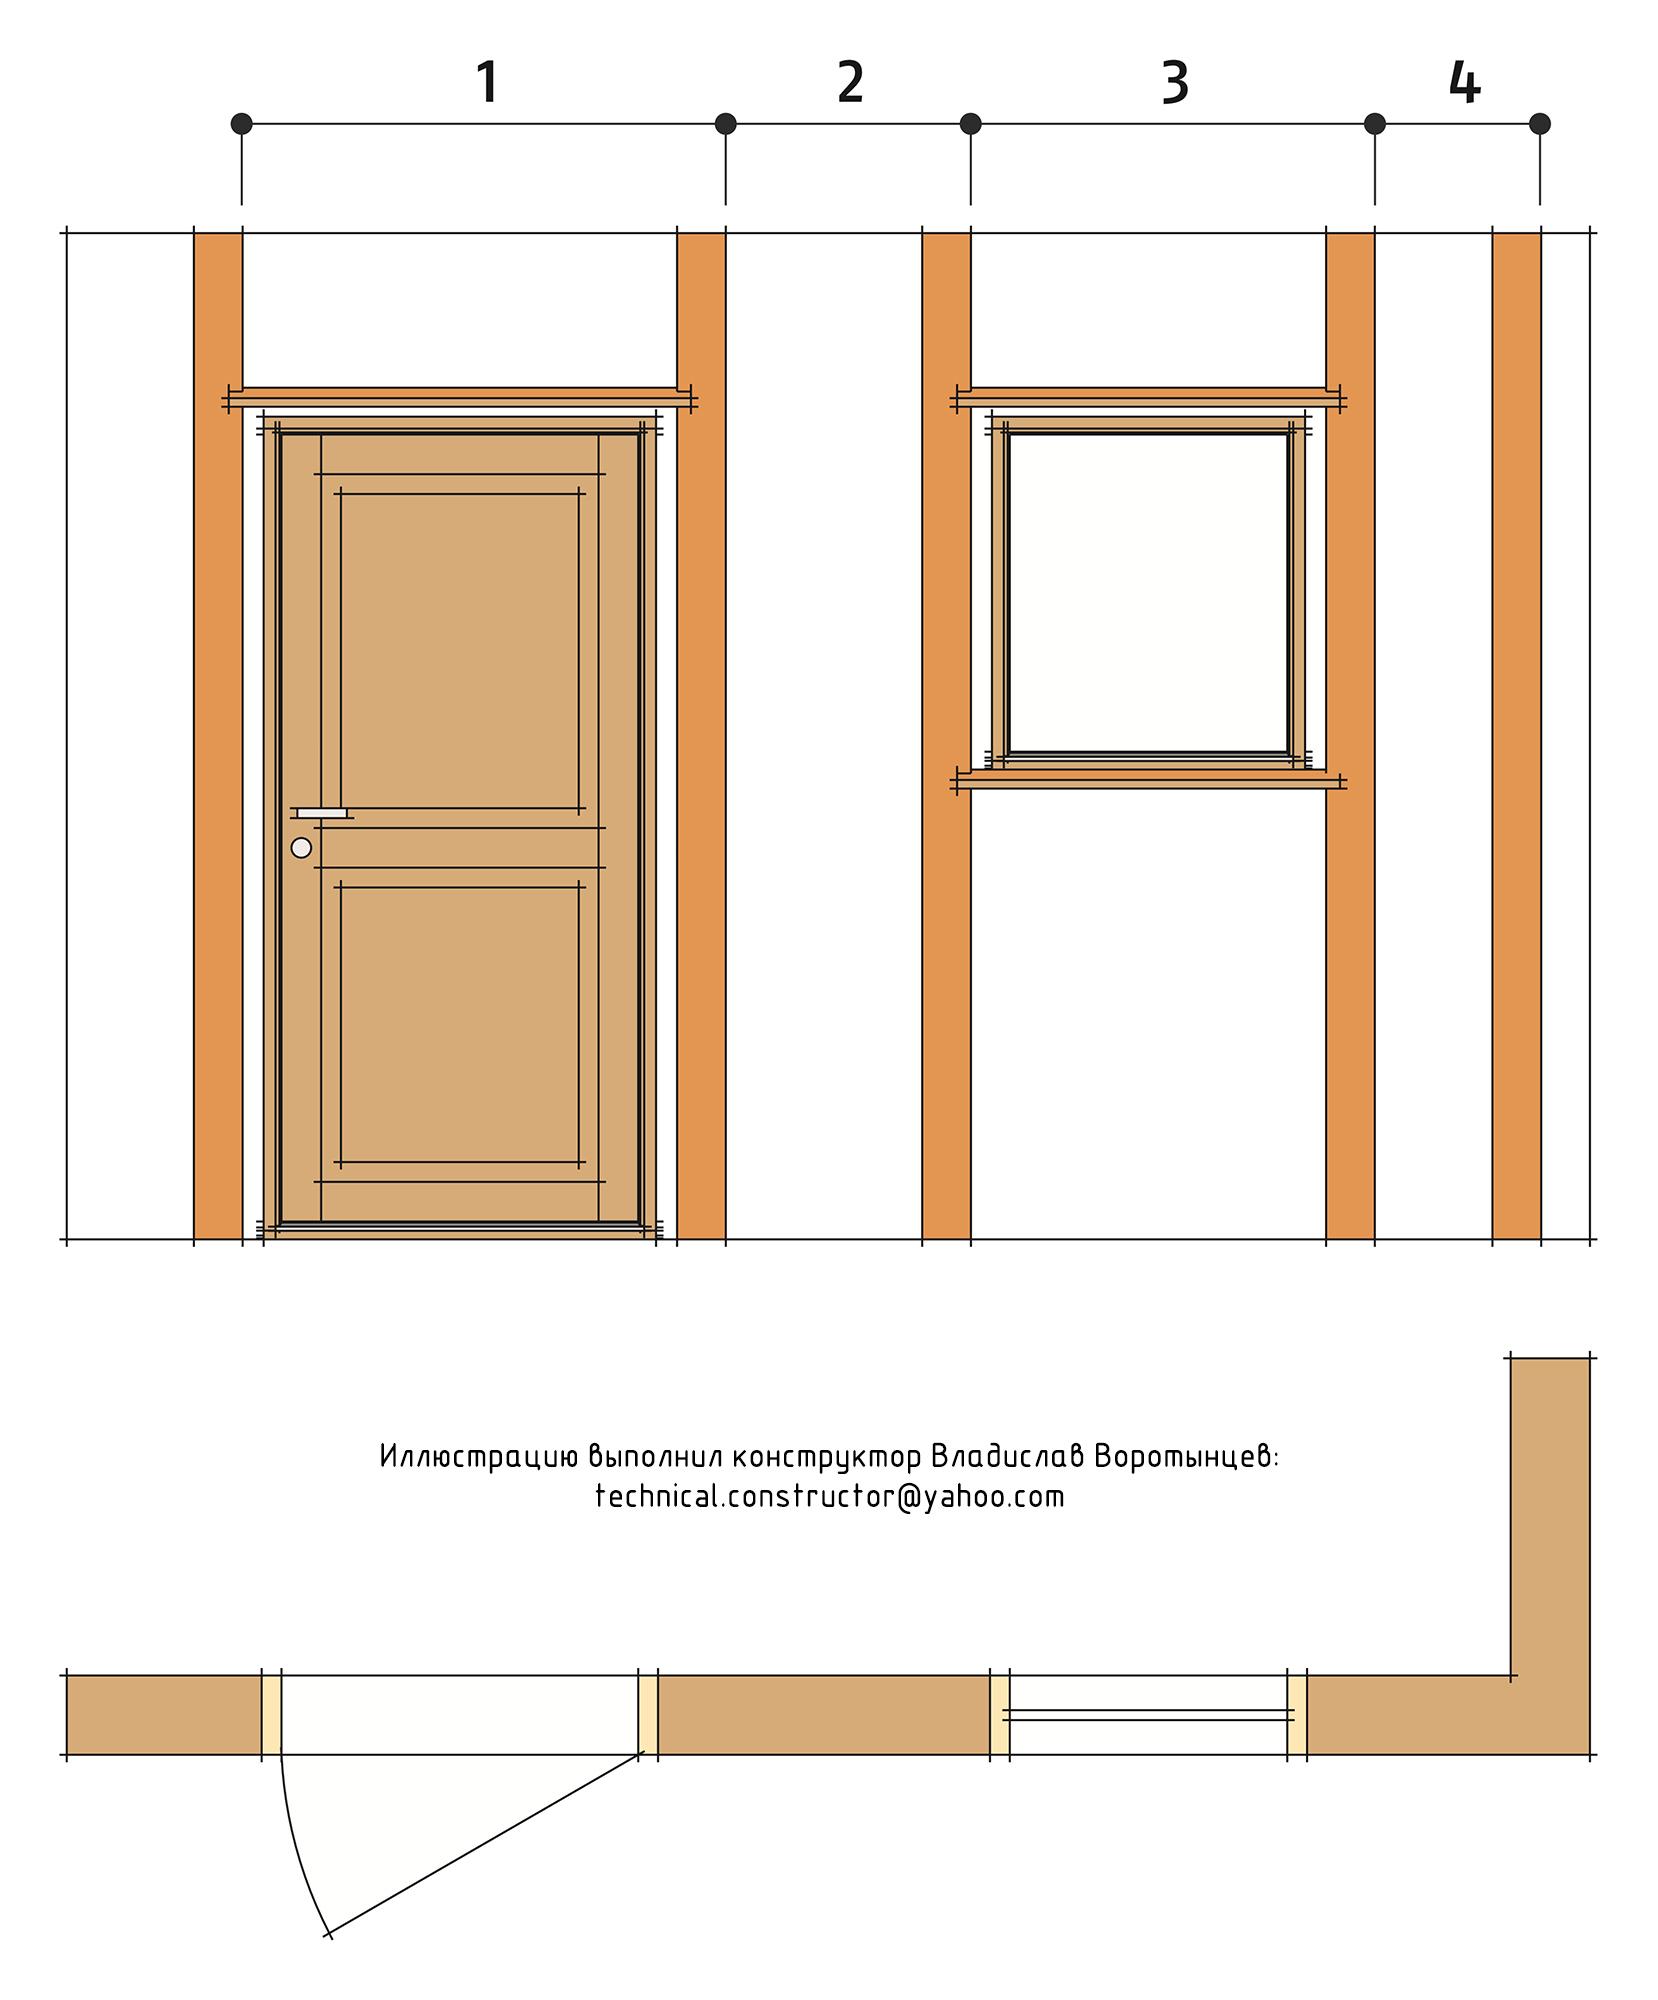 Зоны распределения досок вертикальной наружной обшивки